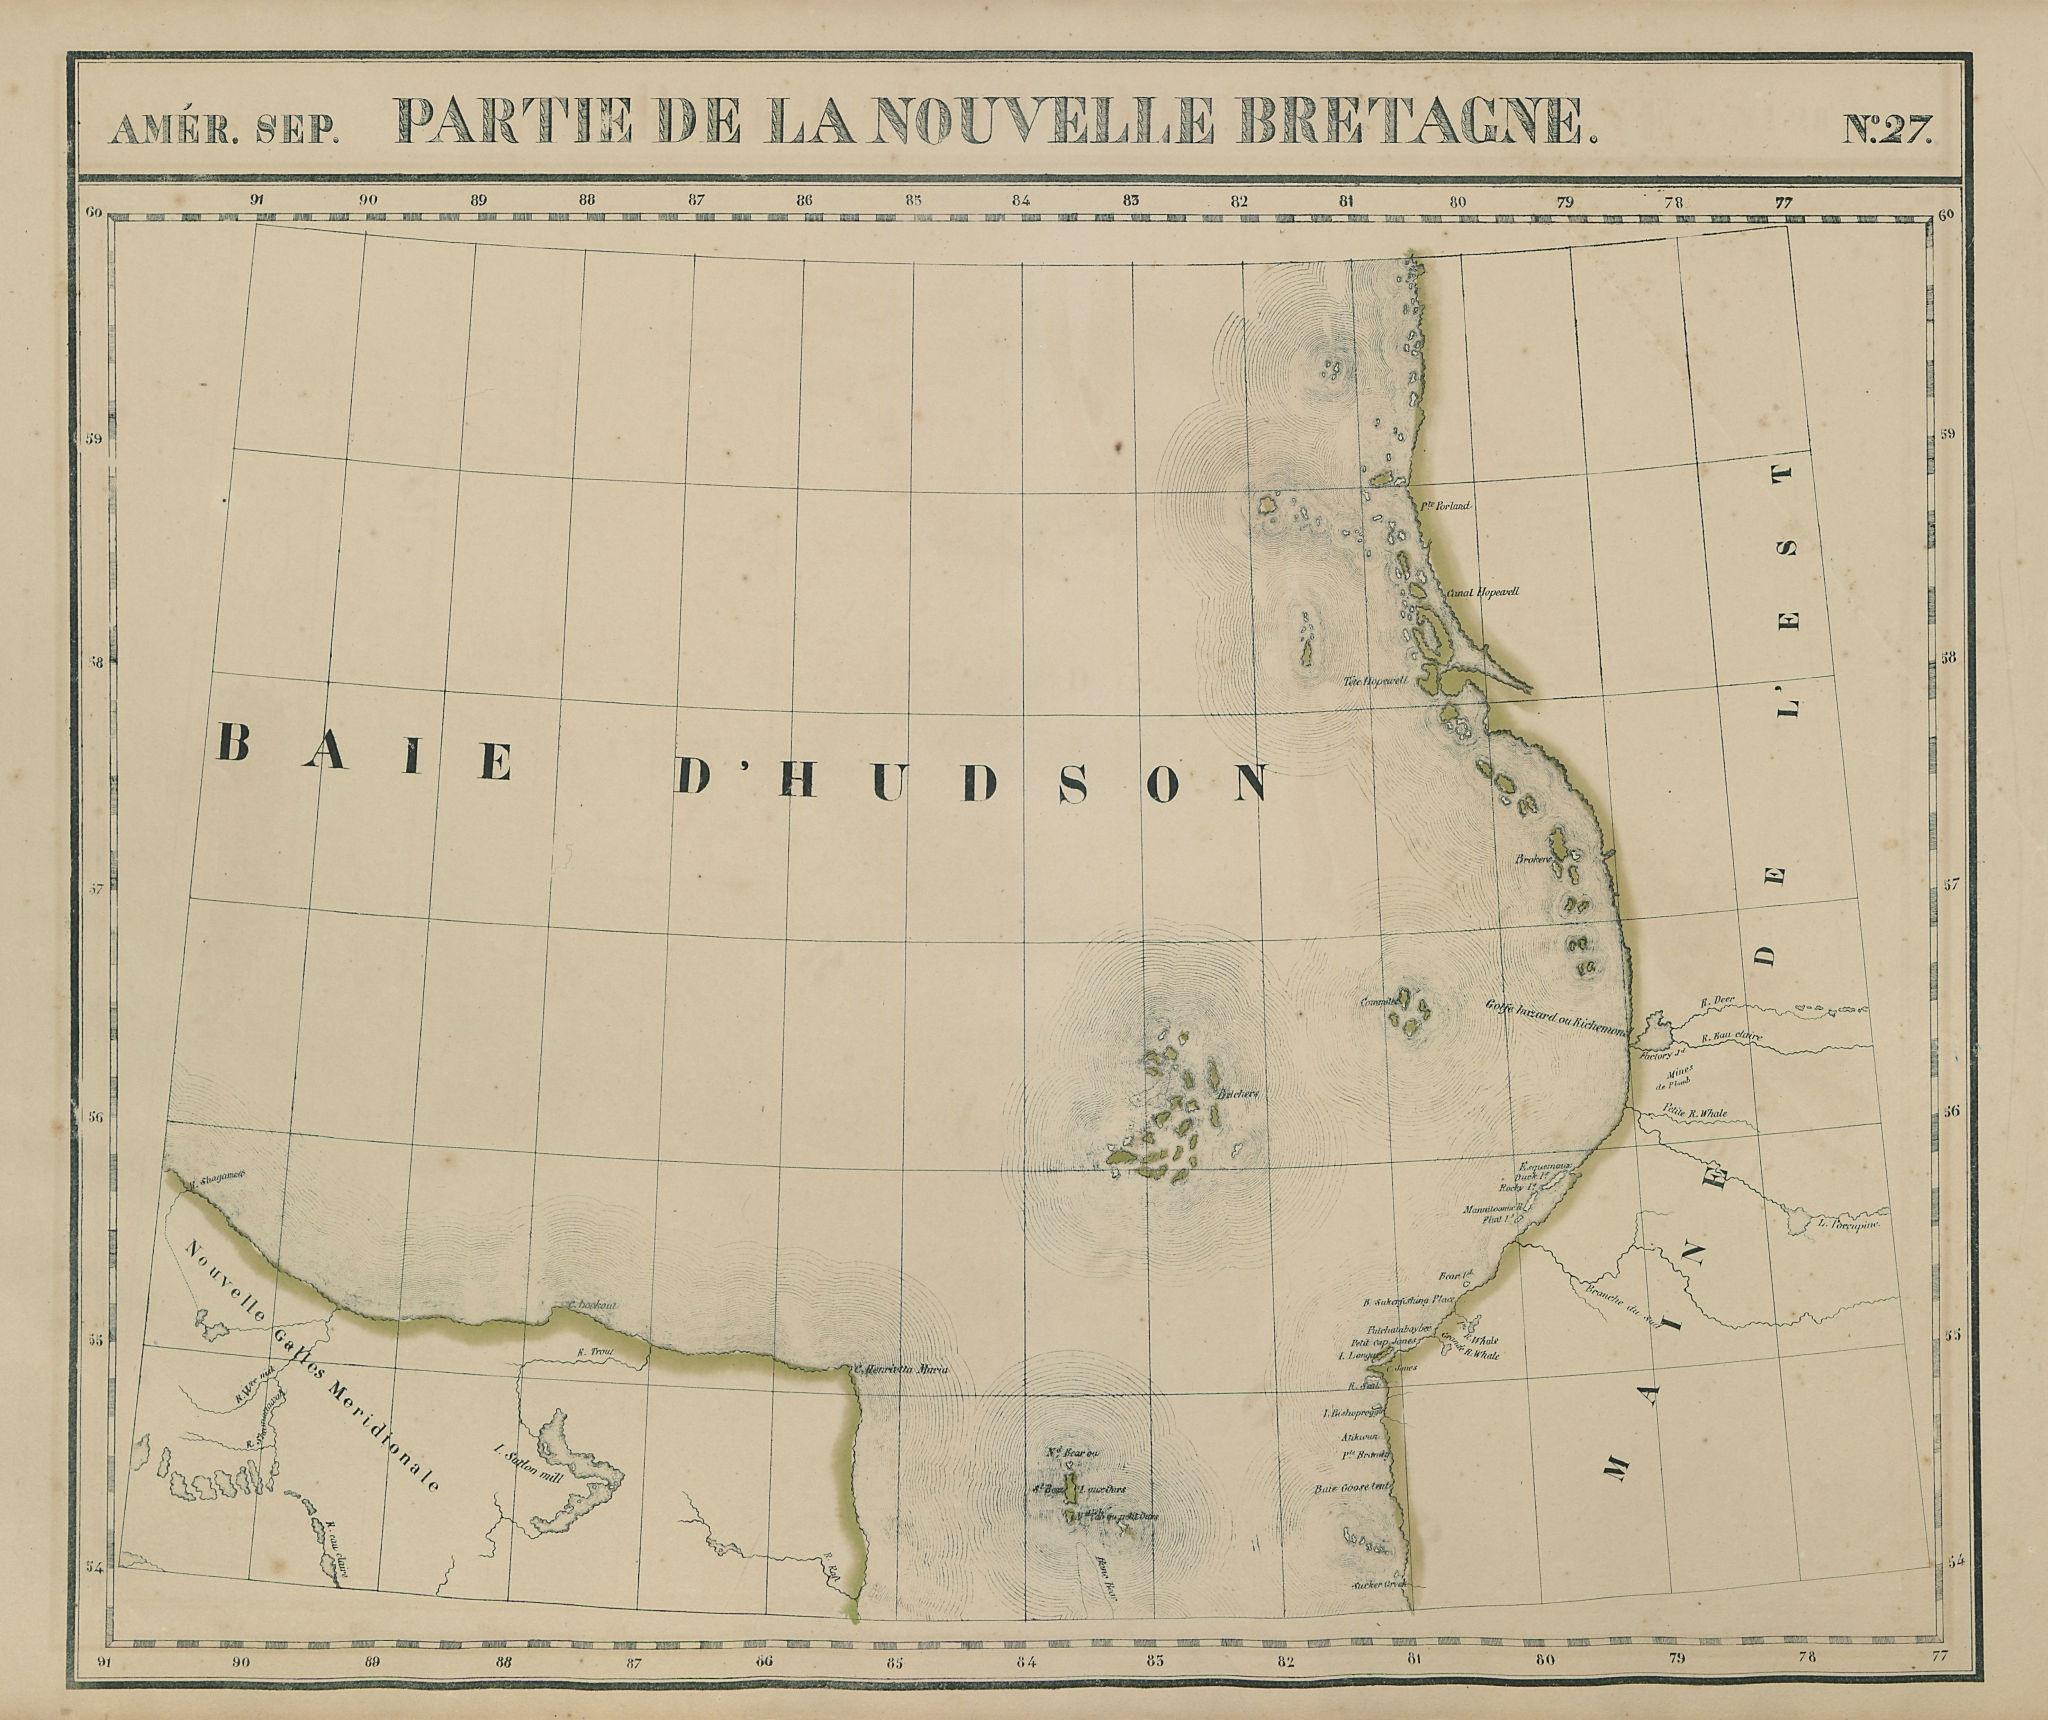 Amér. Sep. Partie de la Nouvelle Bretagne #27. Hudson Bay. VANDERMAELEN 1827 map